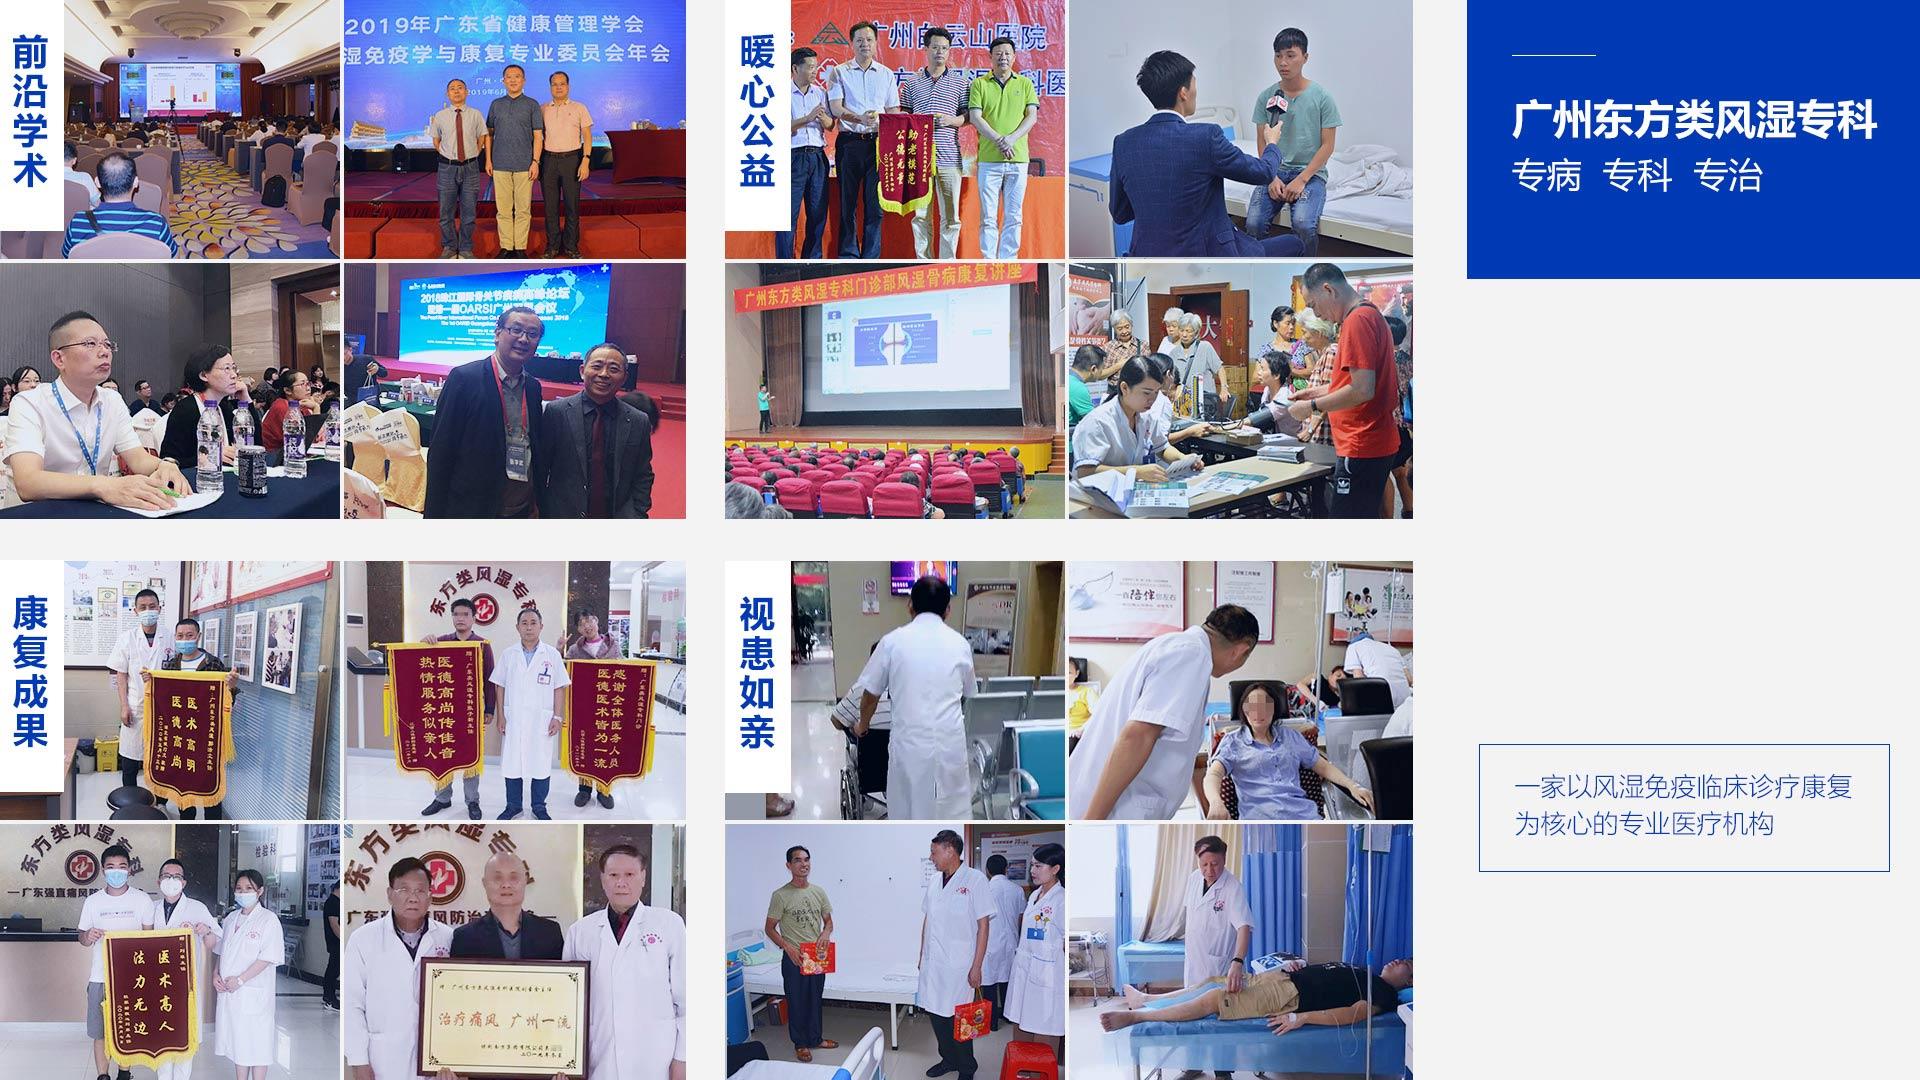 """治疗痛风""""8个细节""""广州东方类风湿践行诚信医疗,铸就品牌医院!"""